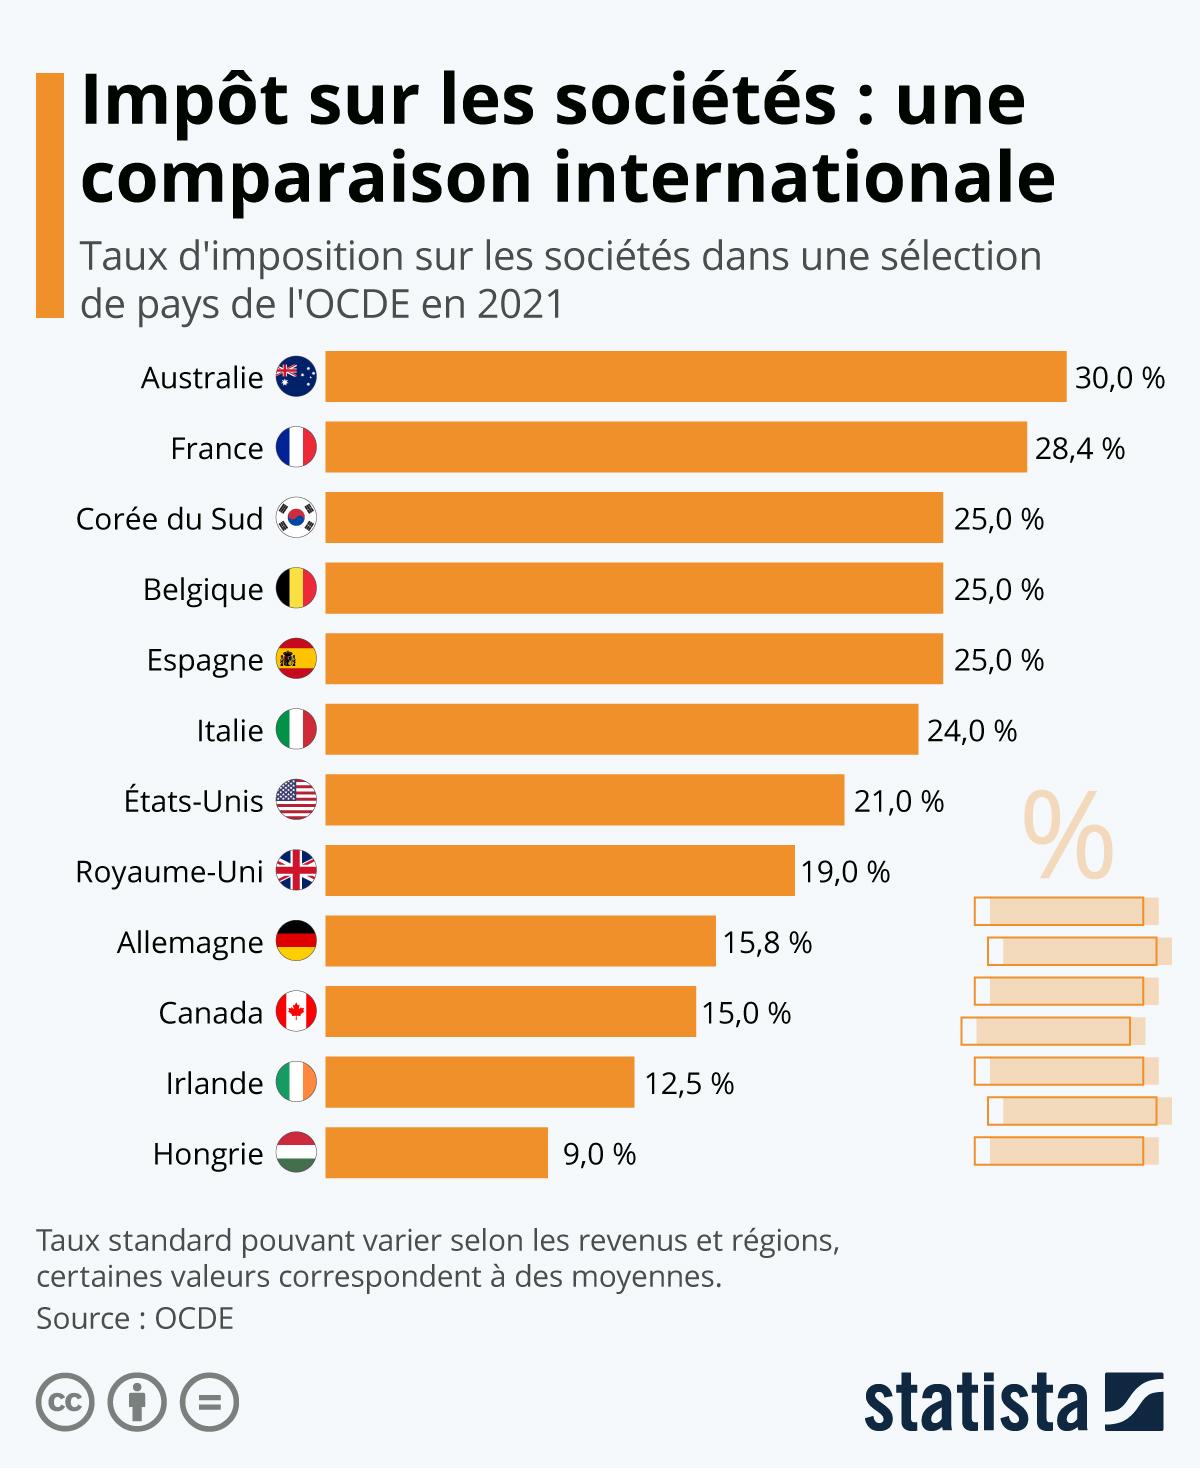 Infographie: L'impôt sur les sociétés à travers le monde | Statista